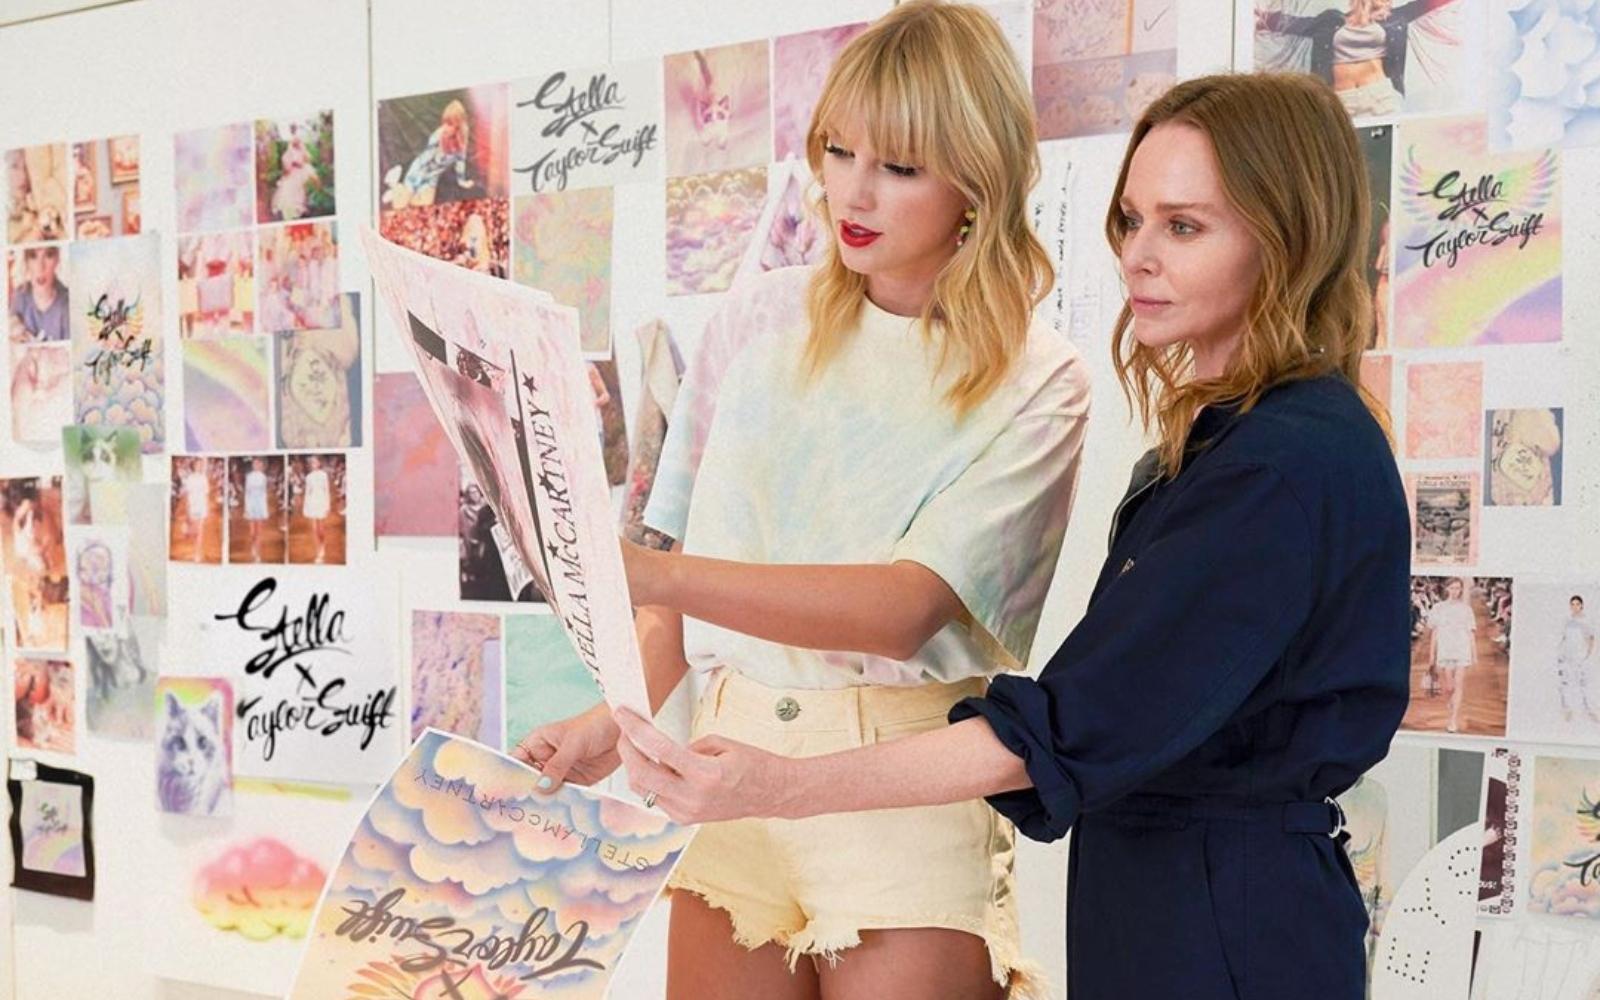 Tot ce trebuie să știi despre colecția Stellei McCartney în colaborare cu Taylor Swift